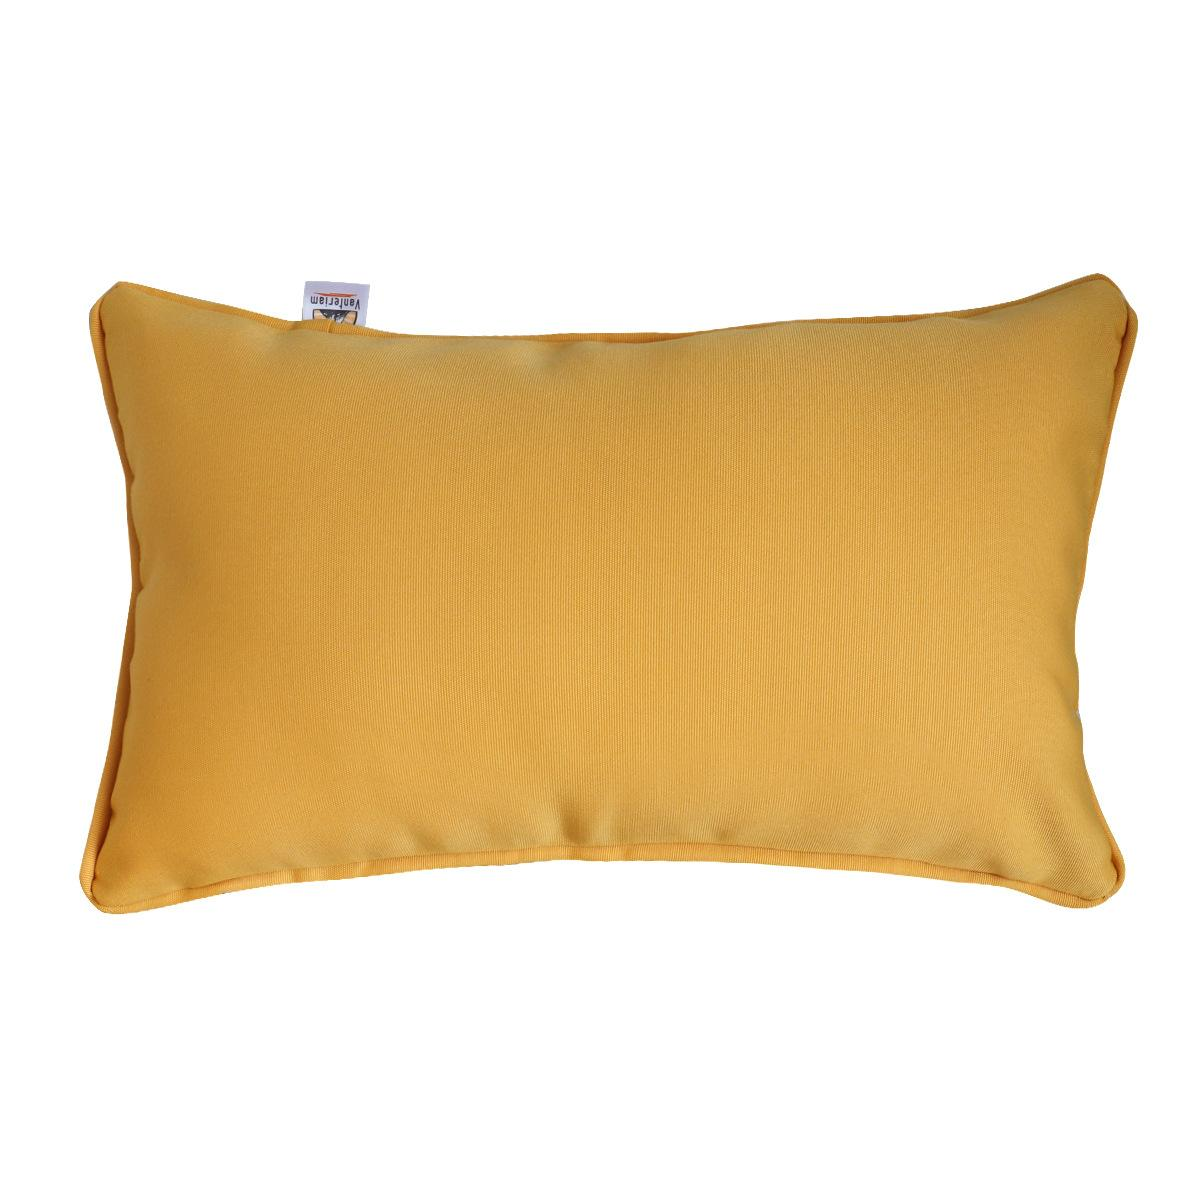 X298 Küçük Taze Kucaklama Yastık Dikey Şerit Süet Yastık Örtüsü Ev Eşyaları Hug Yastık Kılıfı Katı Renk Yastık Kapakları ASDF